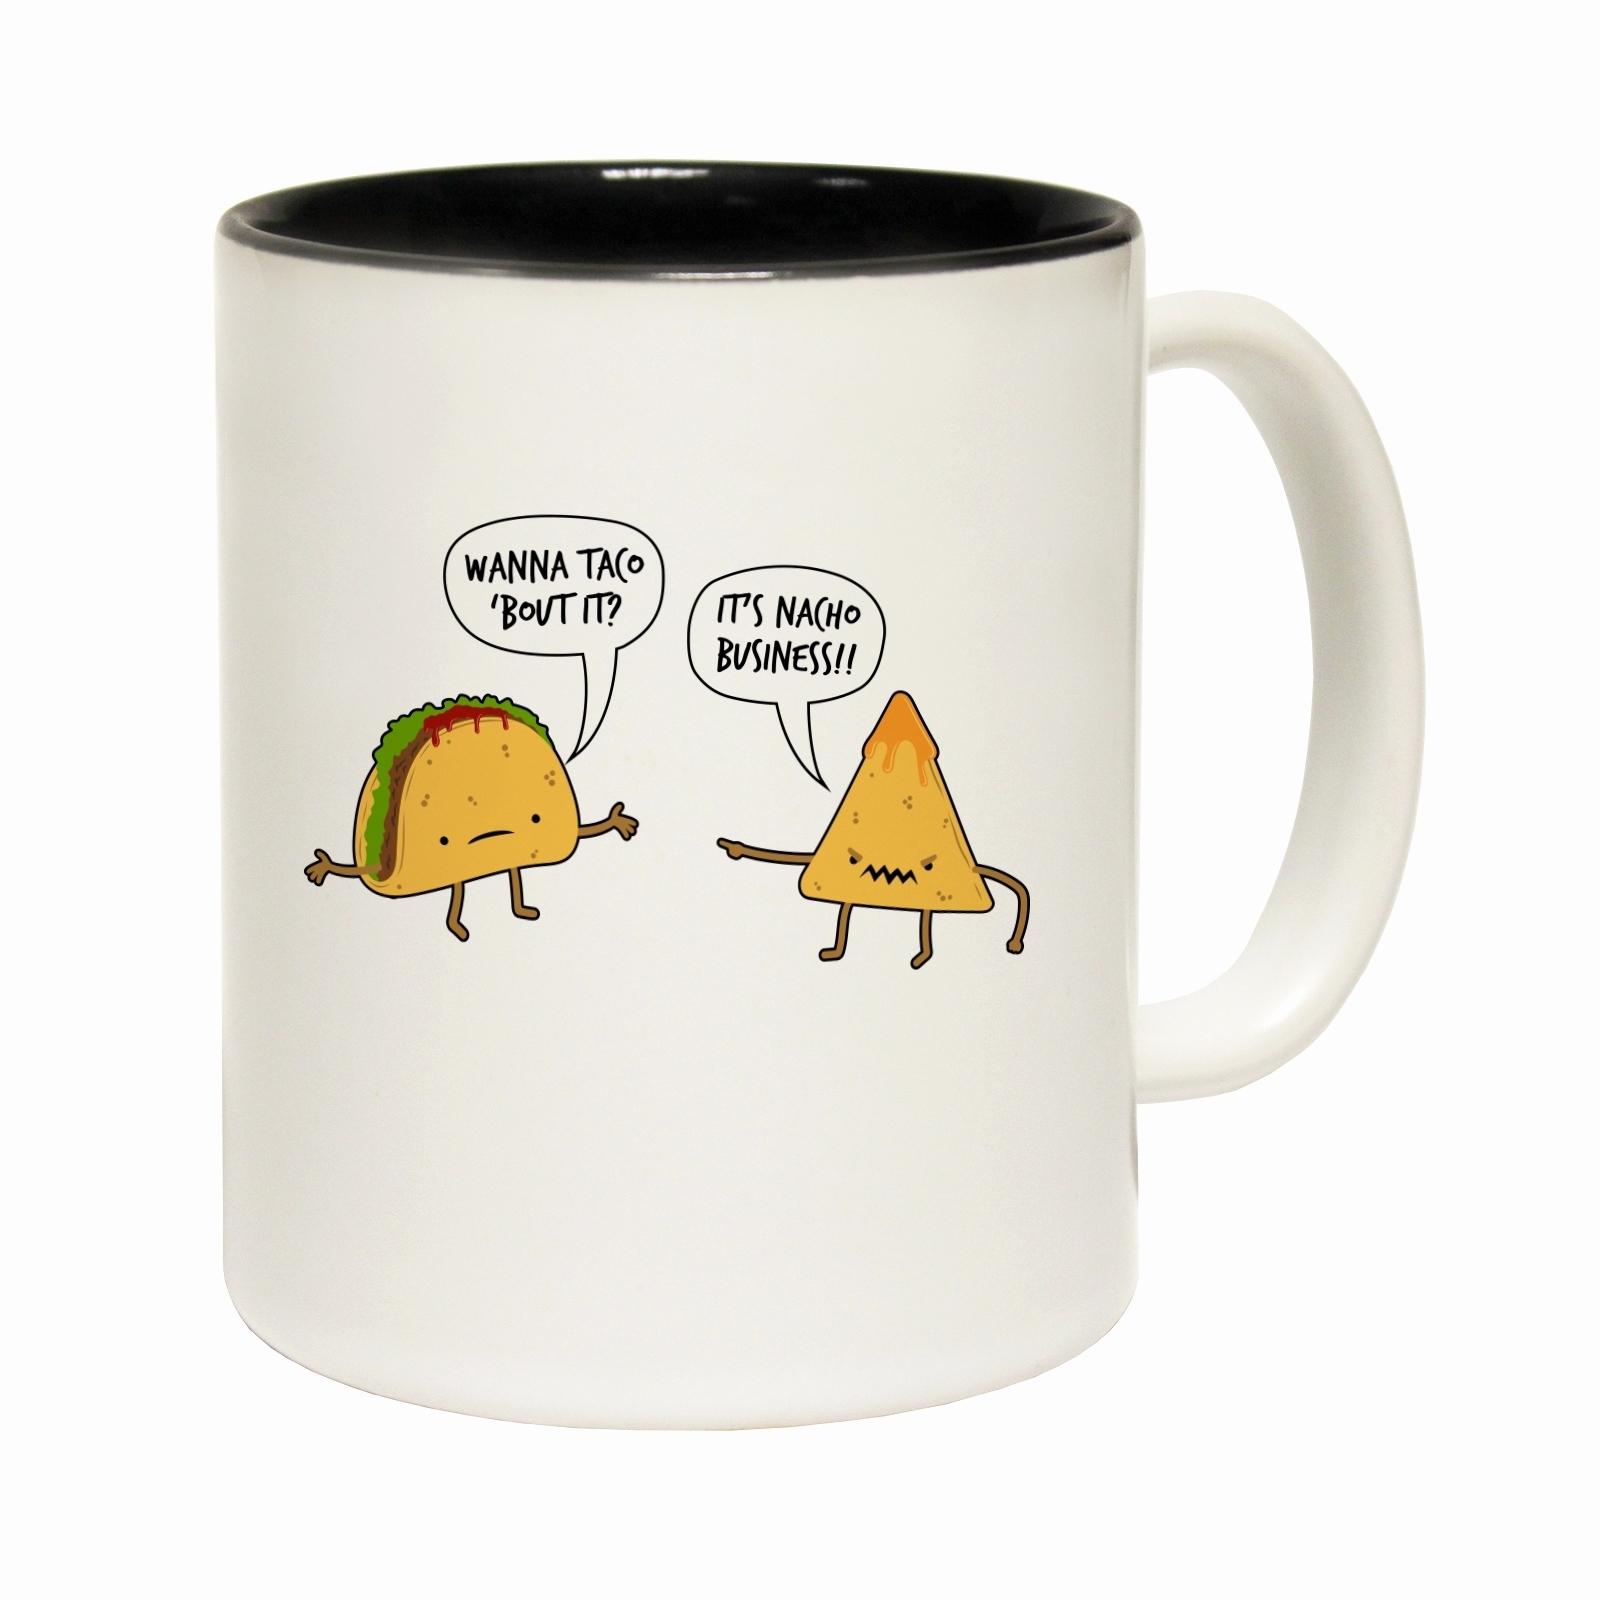 I Love Spreadsheets Mug Awesome Novelty Mugs Documents Ideas To With Spreadsheet Mug